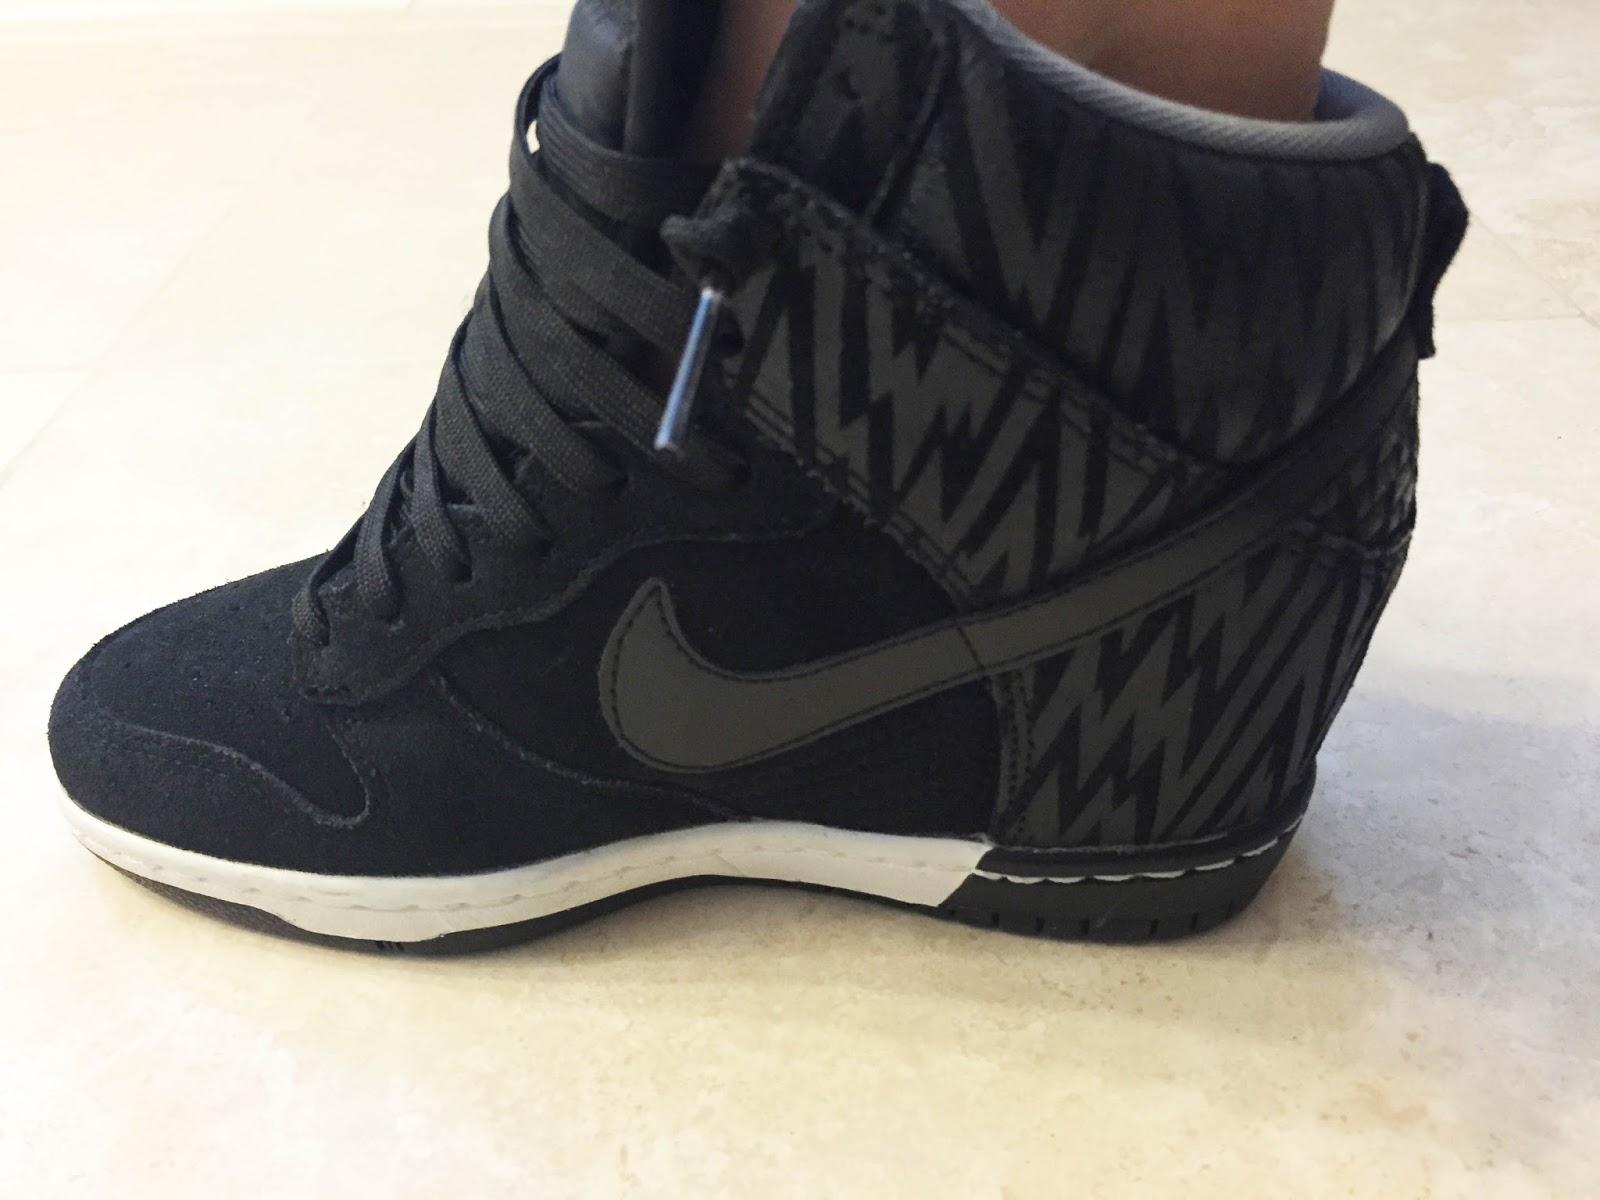 newest 6218b 24f58 Nike Dunk Wedge Sneakers